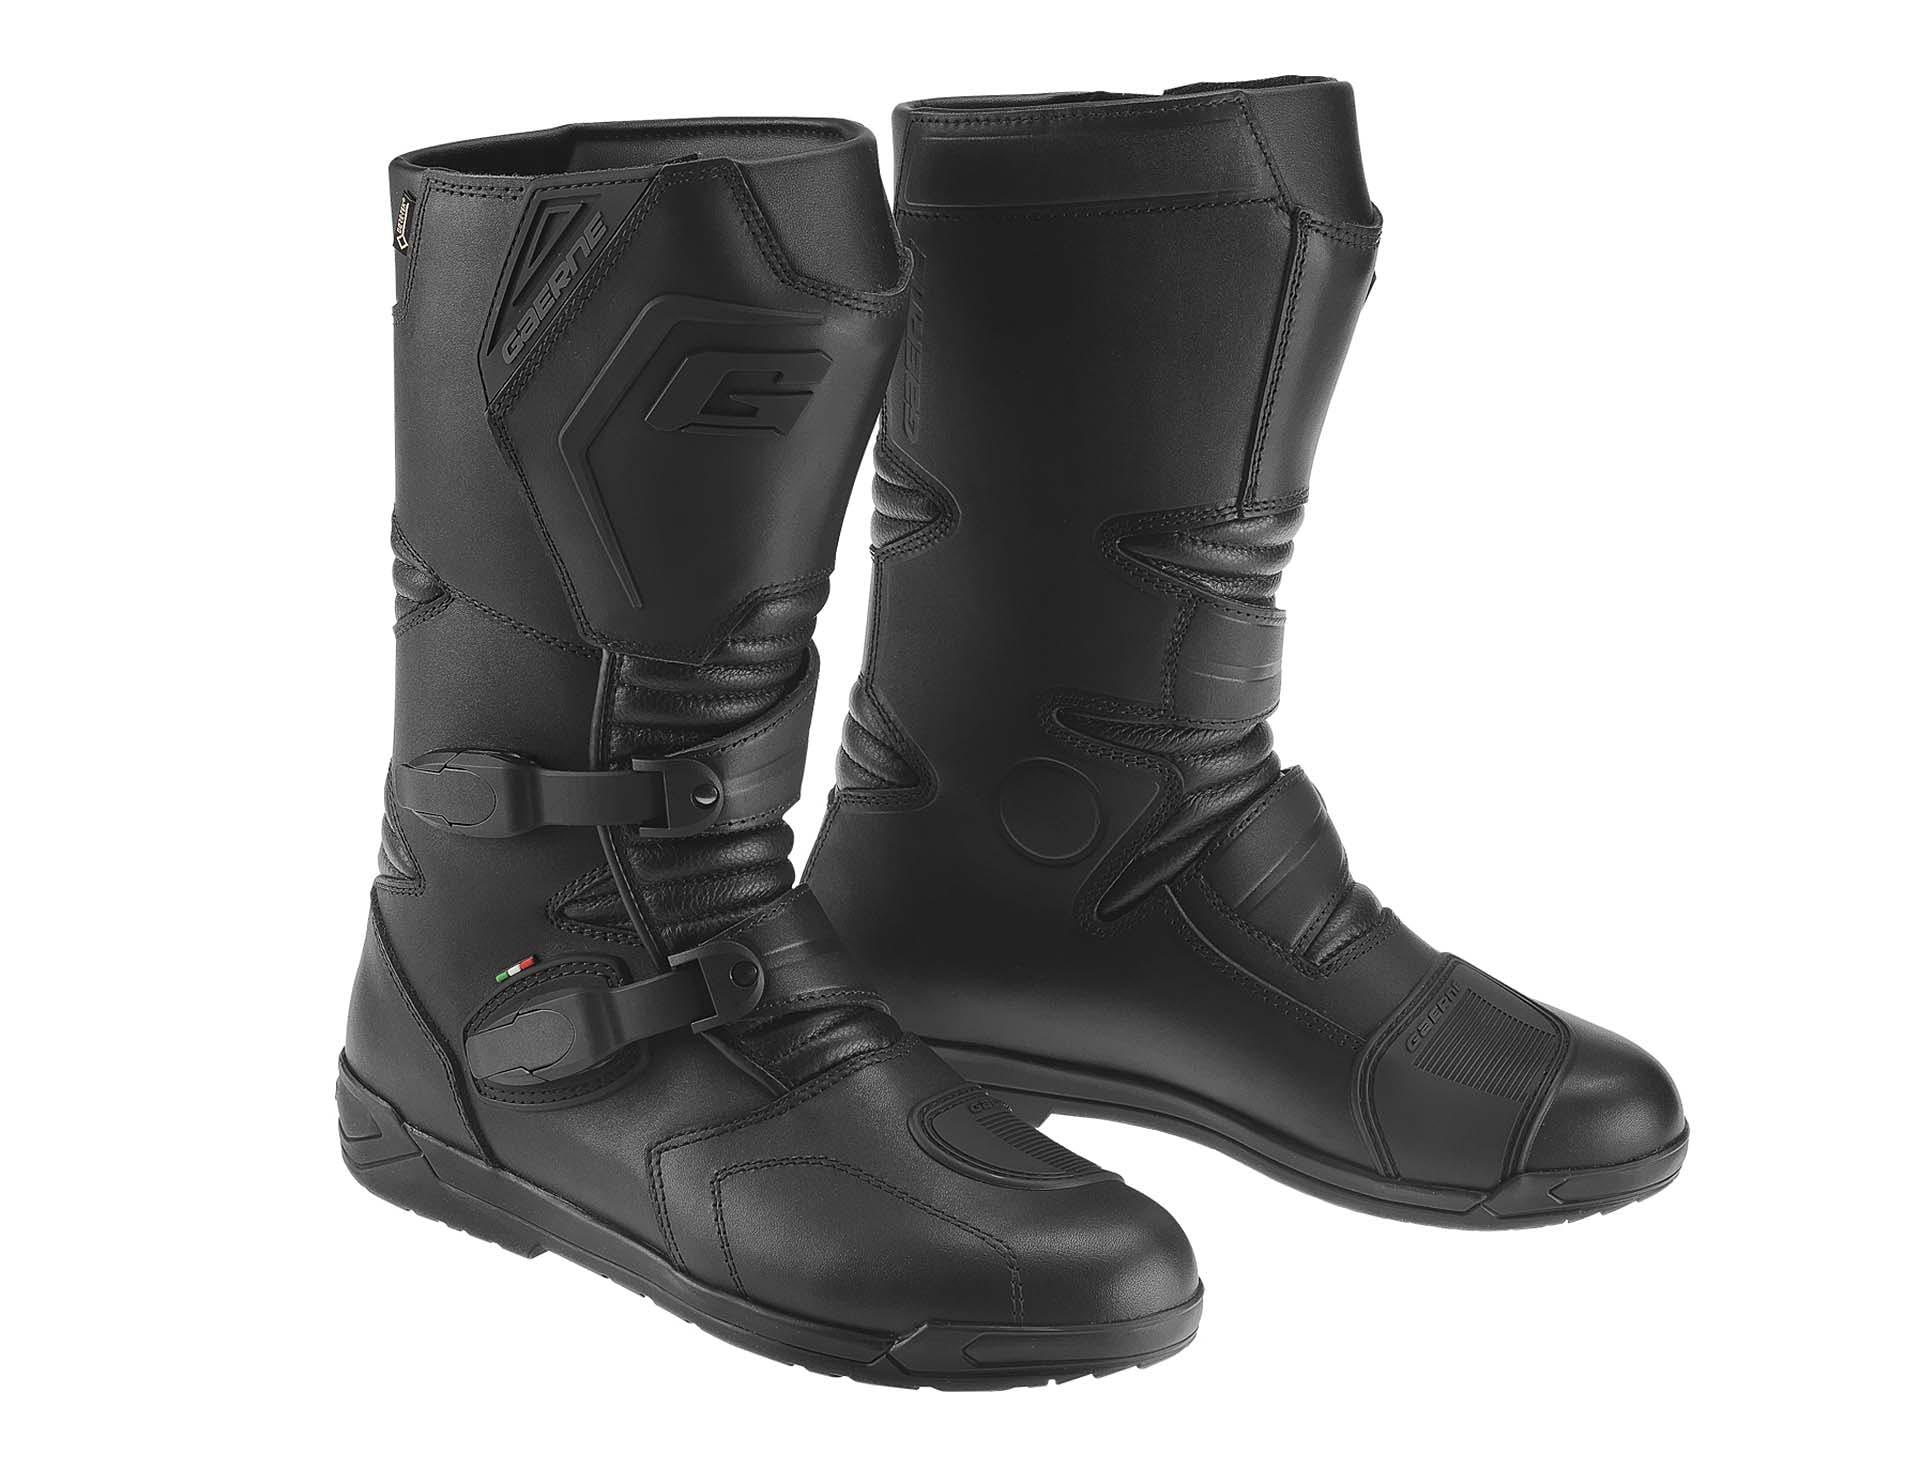 Gaerne G. Caponord Gore-Tex - Migliori Stivali da mototurismo